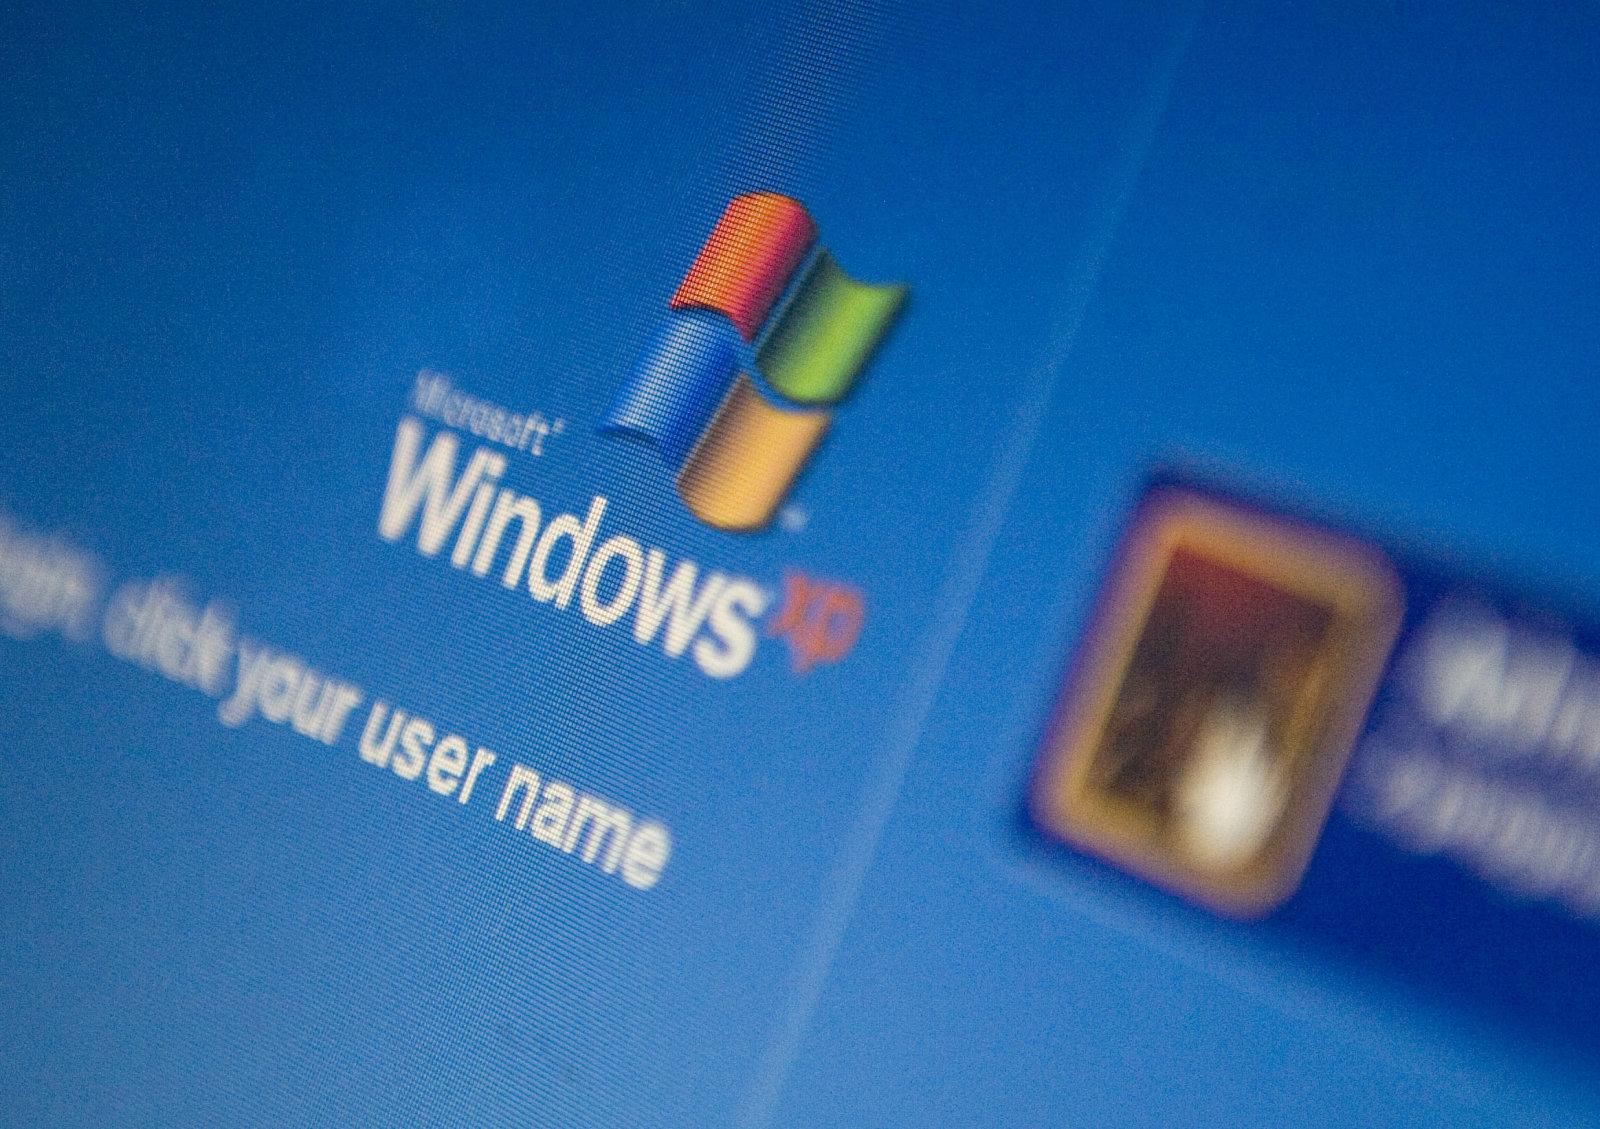 因為 WannaCrypt 勒索病毒,微軟罕見地為停止支援的 Windows XP 推出更新